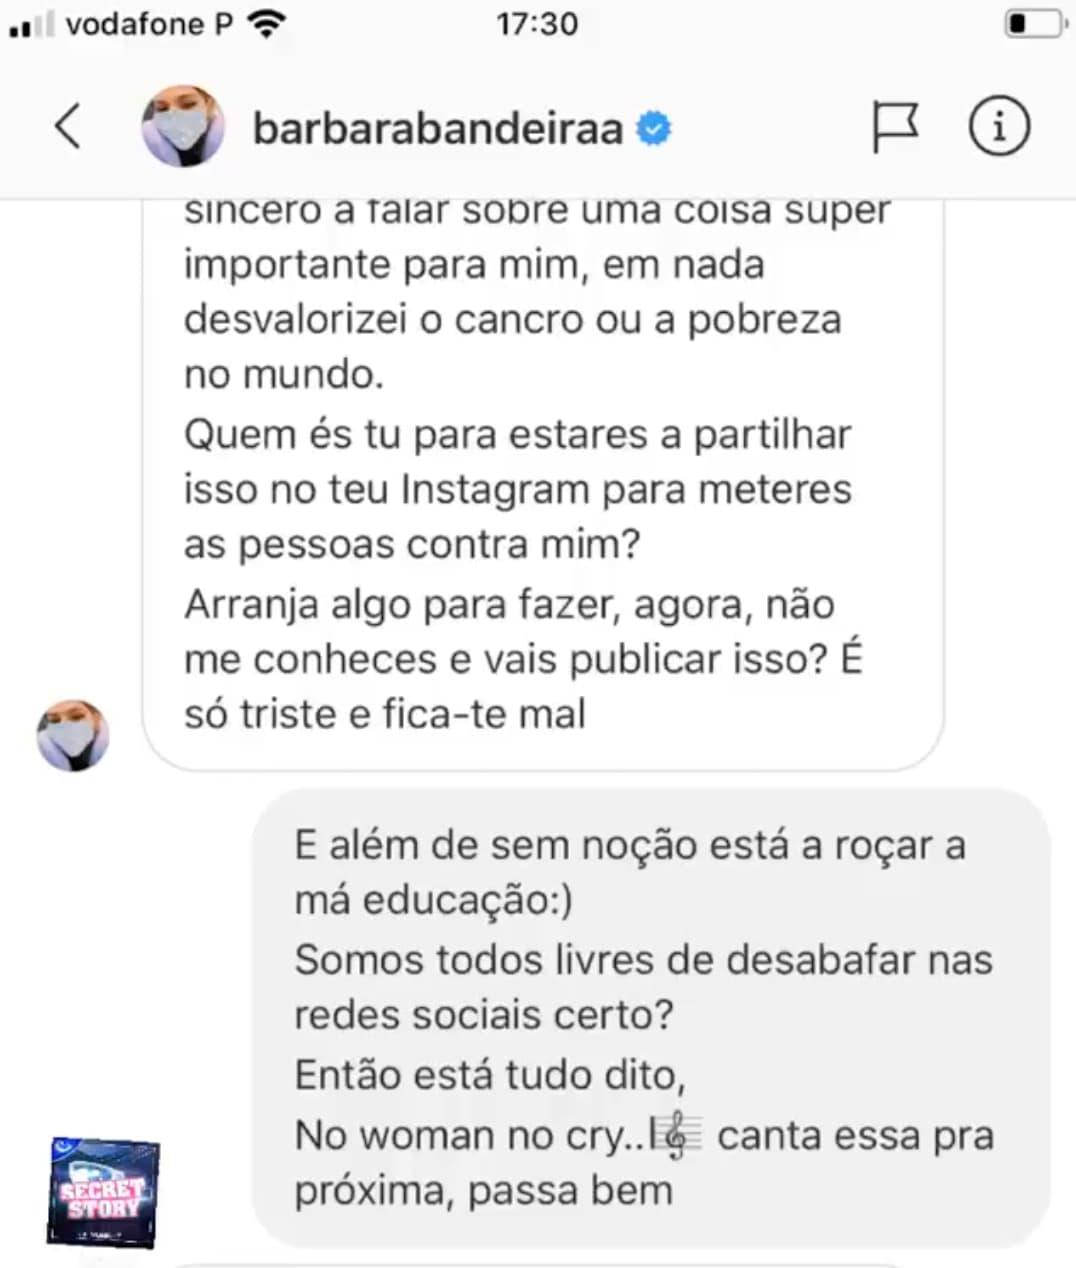 Barbara Bandeira Debora Picoito 1 Bárbara Bandeira Chora Com Adiamento Do Concerto, É Arrasada E Responde! Veja As Mensagens